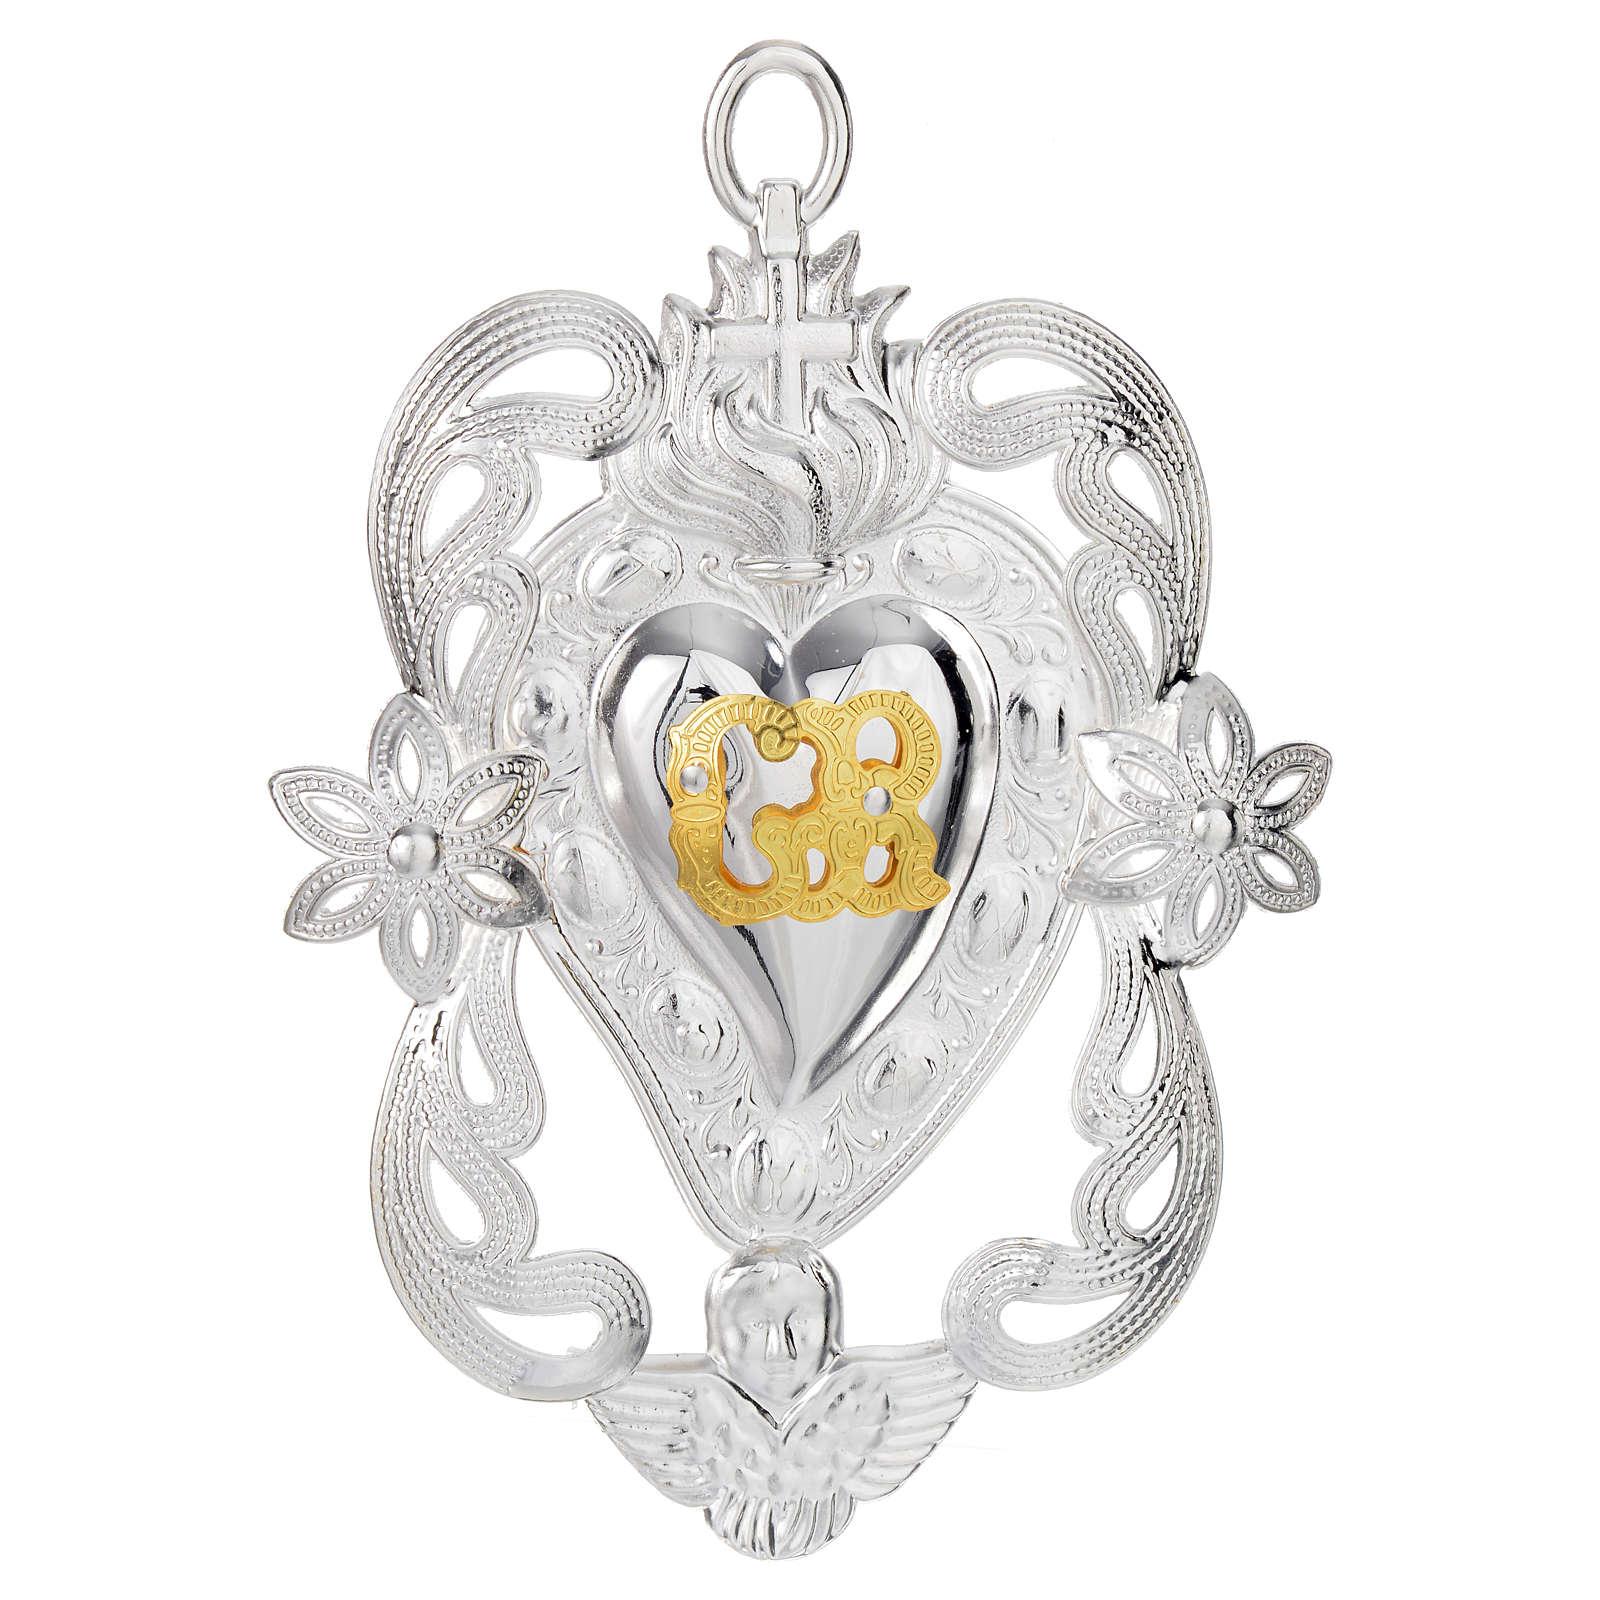 Votivgabe flammendes Herz mit Engel und Blüten 11x8 cm 3